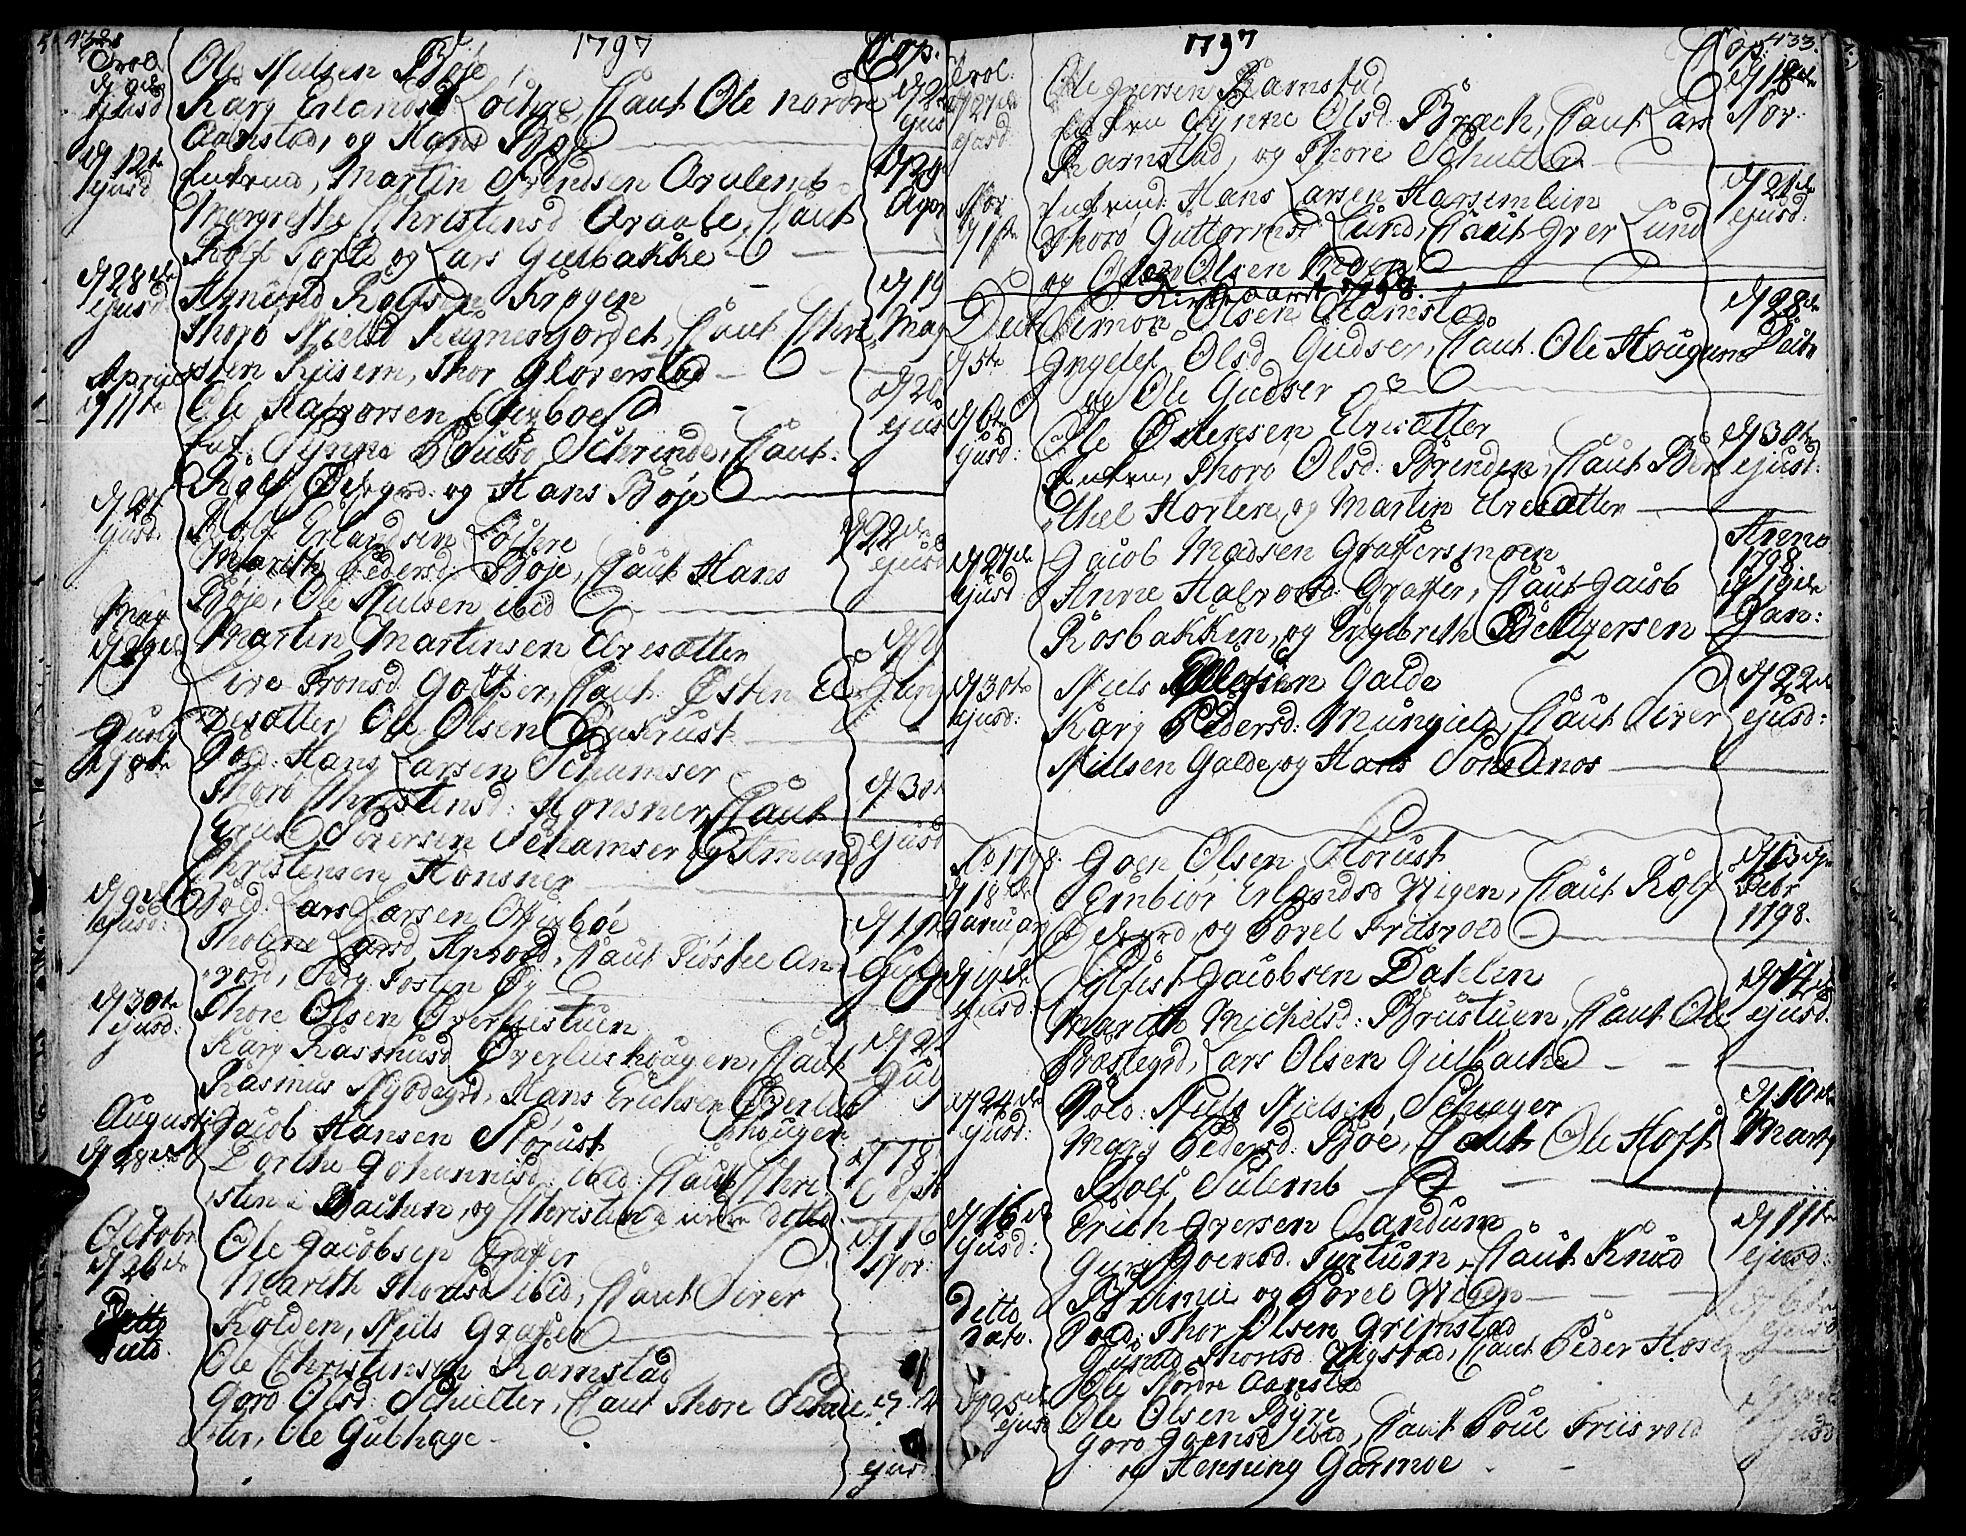 SAH, Lom prestekontor, K/L0002: Ministerialbok nr. 2, 1749-1801, s. 432-433